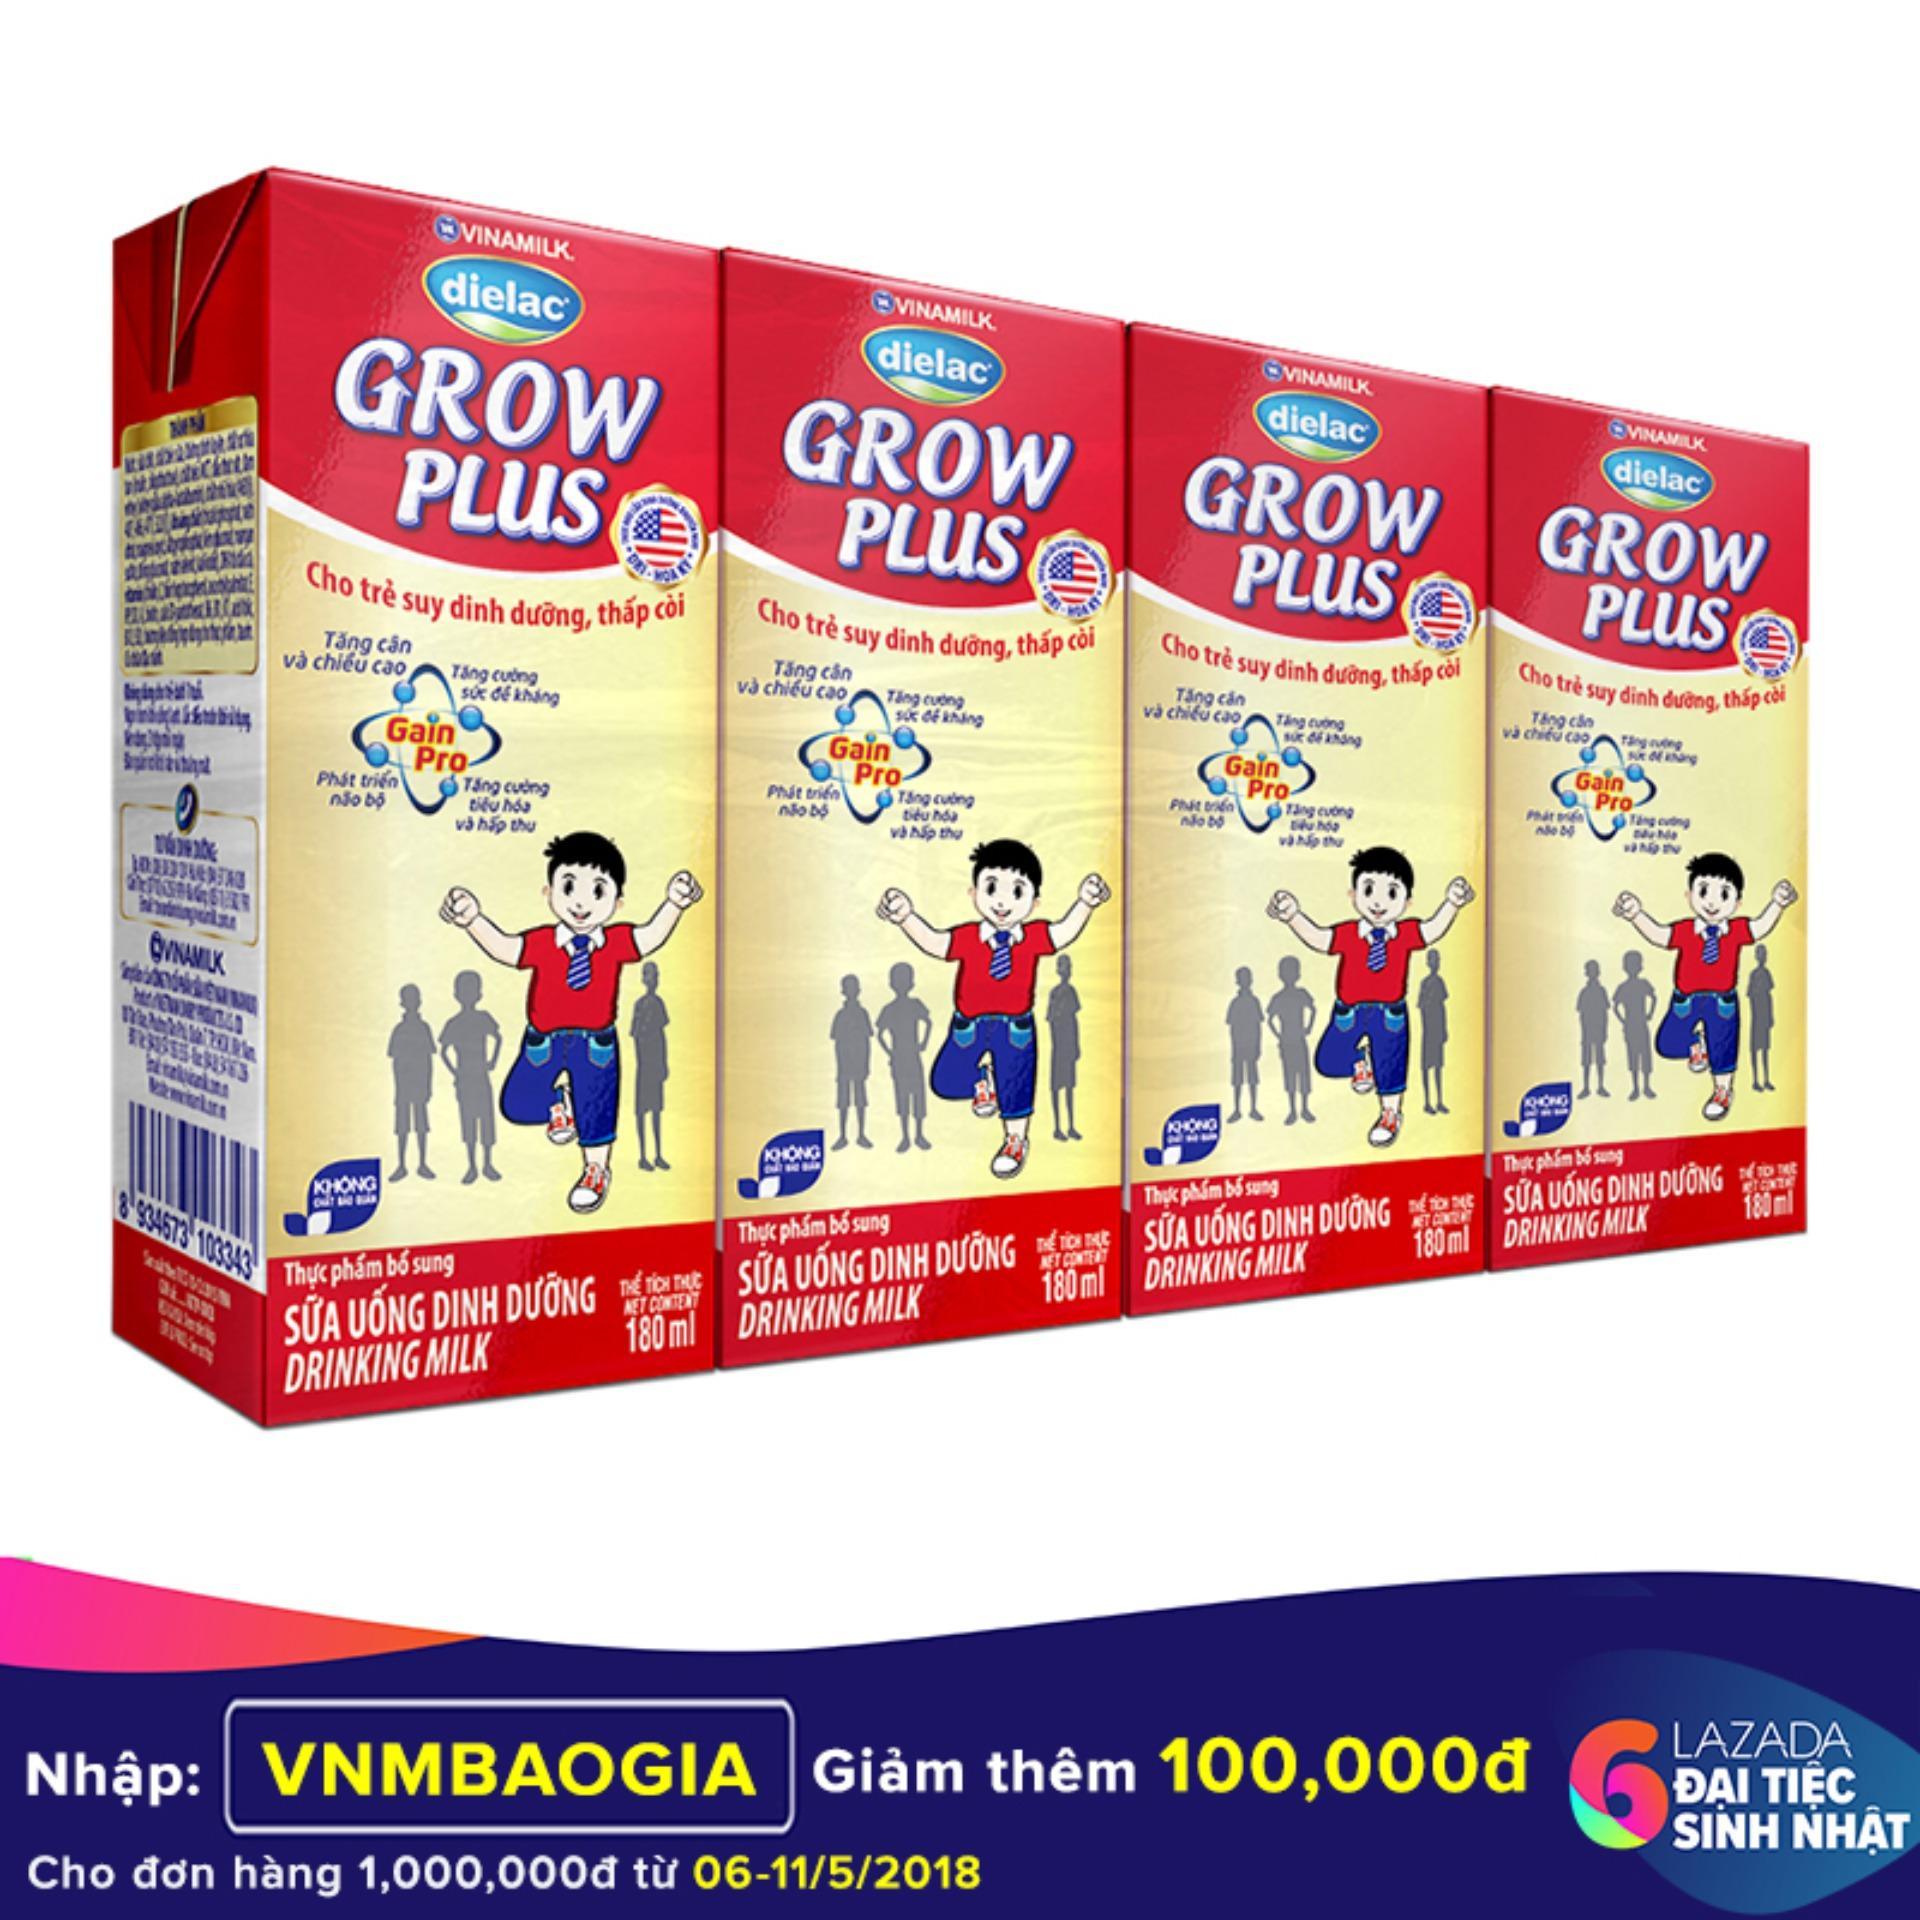 Giá Bán Thung 48 Hộp Sữa Bột Pha Sẵn Vinamilk Dielac Grow Plus 180Ml Tốt Nhất